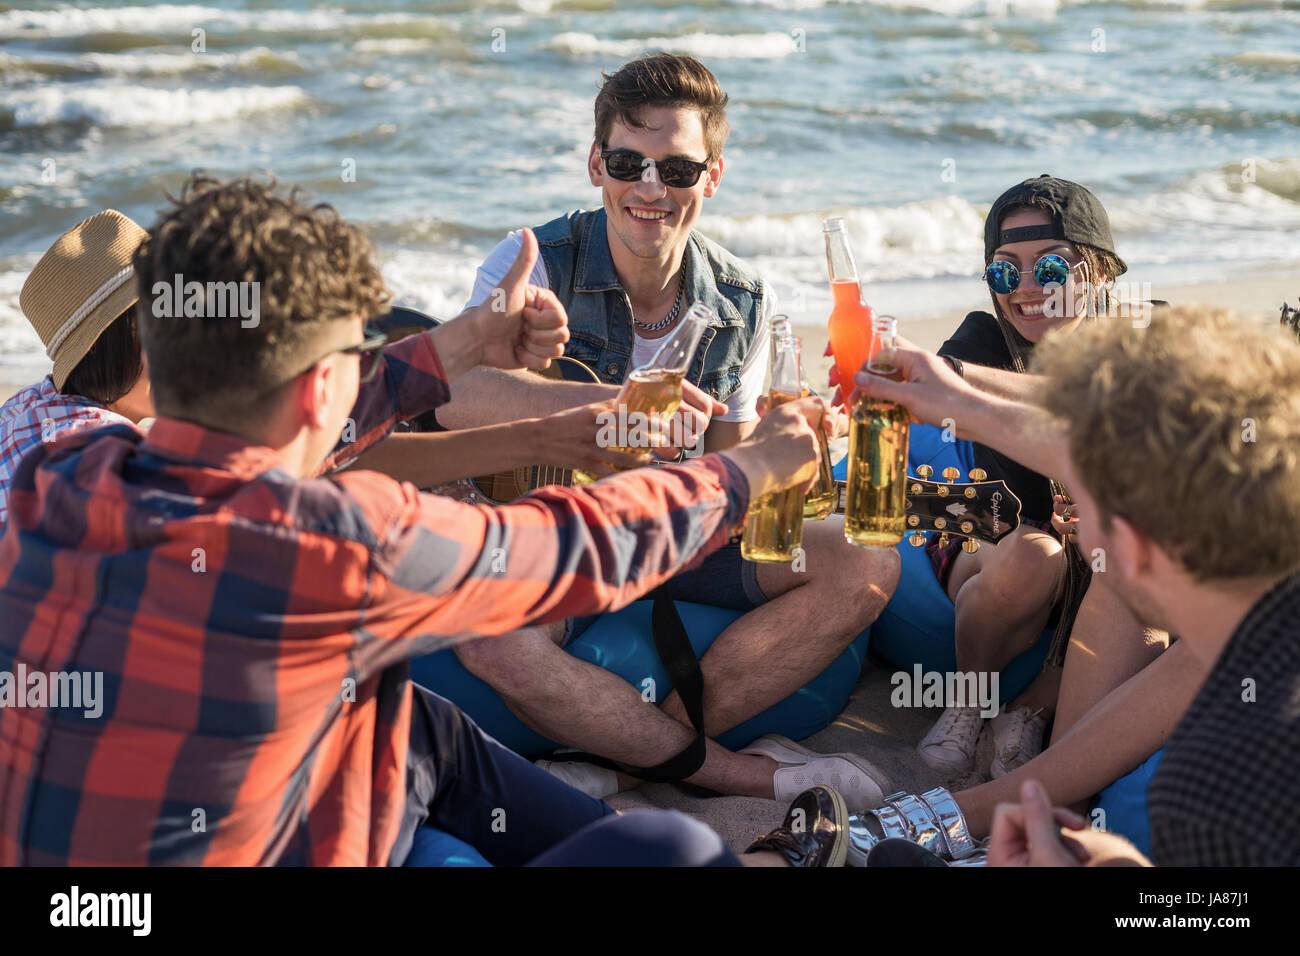 Grupo de amigos en la playa drindking parte Imagen De Stock